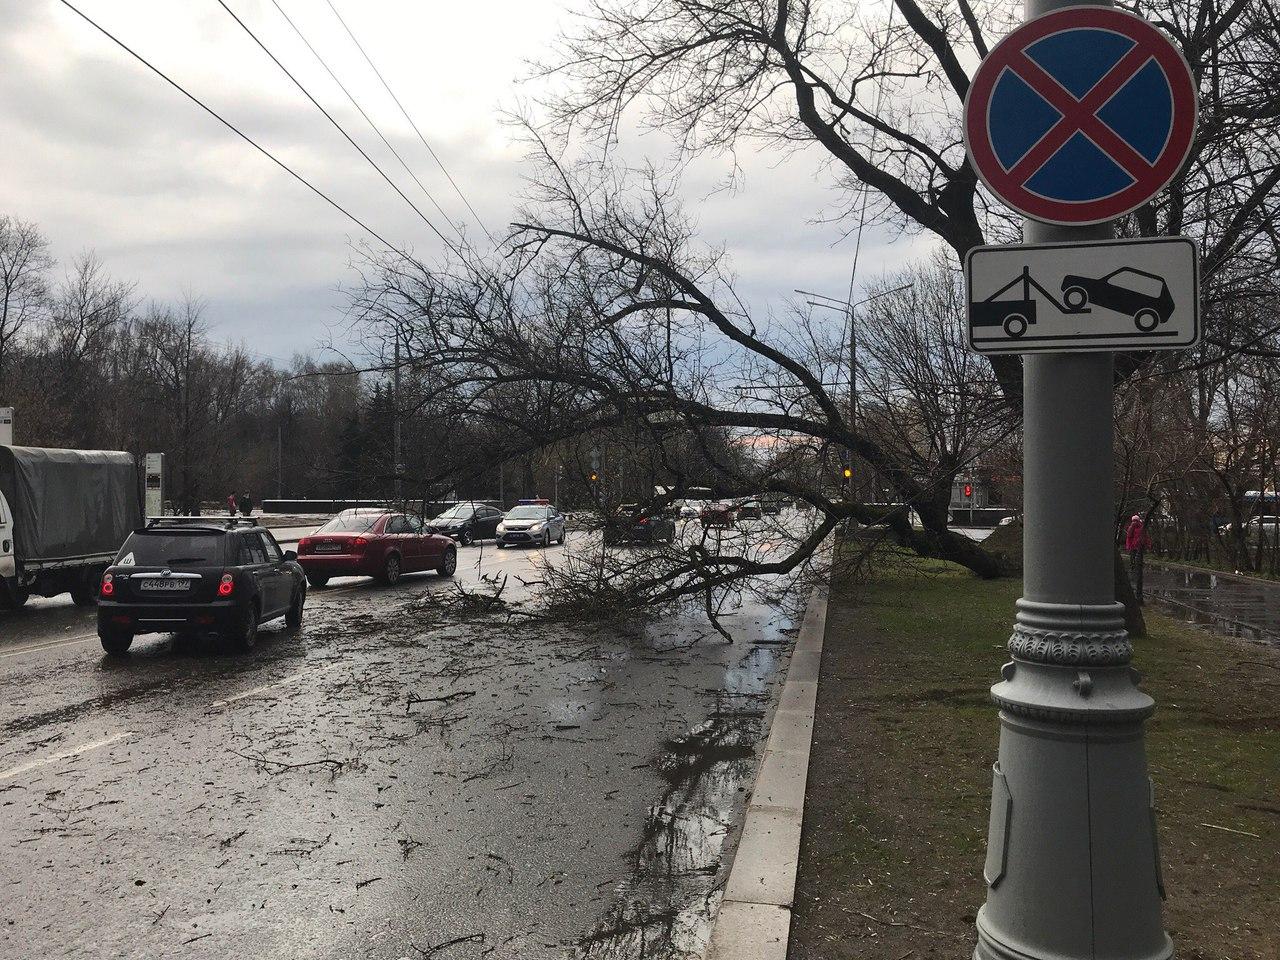 Москва встала в пробки из-за упавших на дороги деревьев: опубликованы фото с мест событий